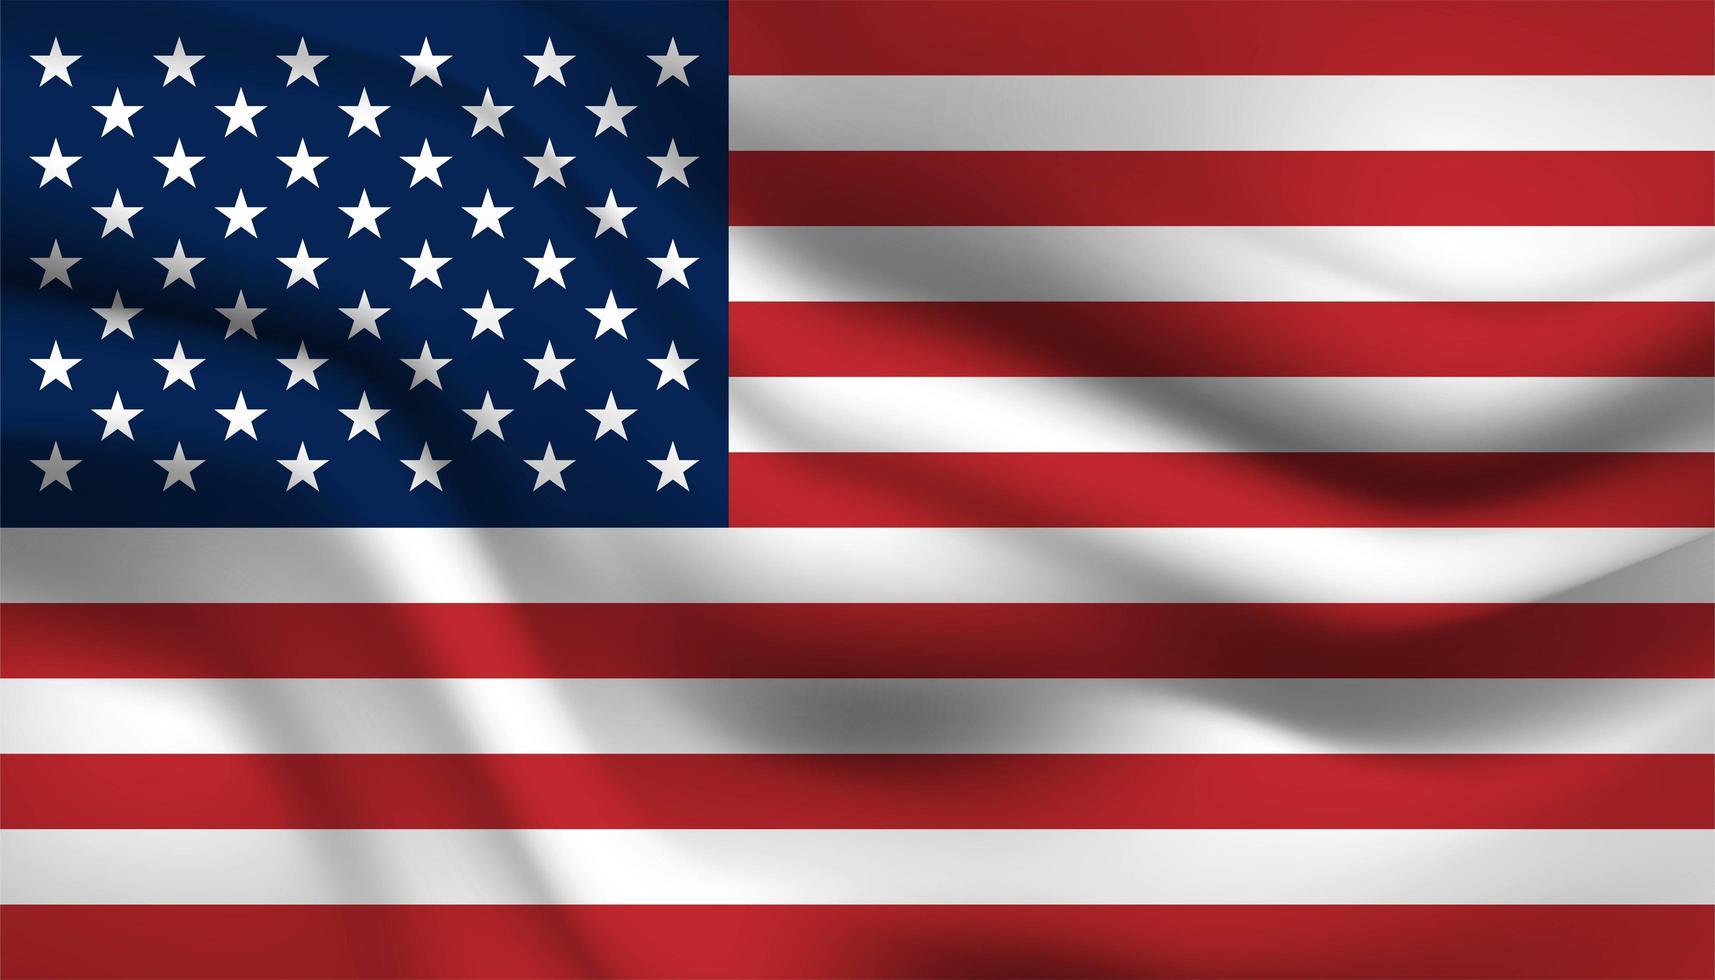 Flagge der Vereinigten Staaten von Amerika vektor